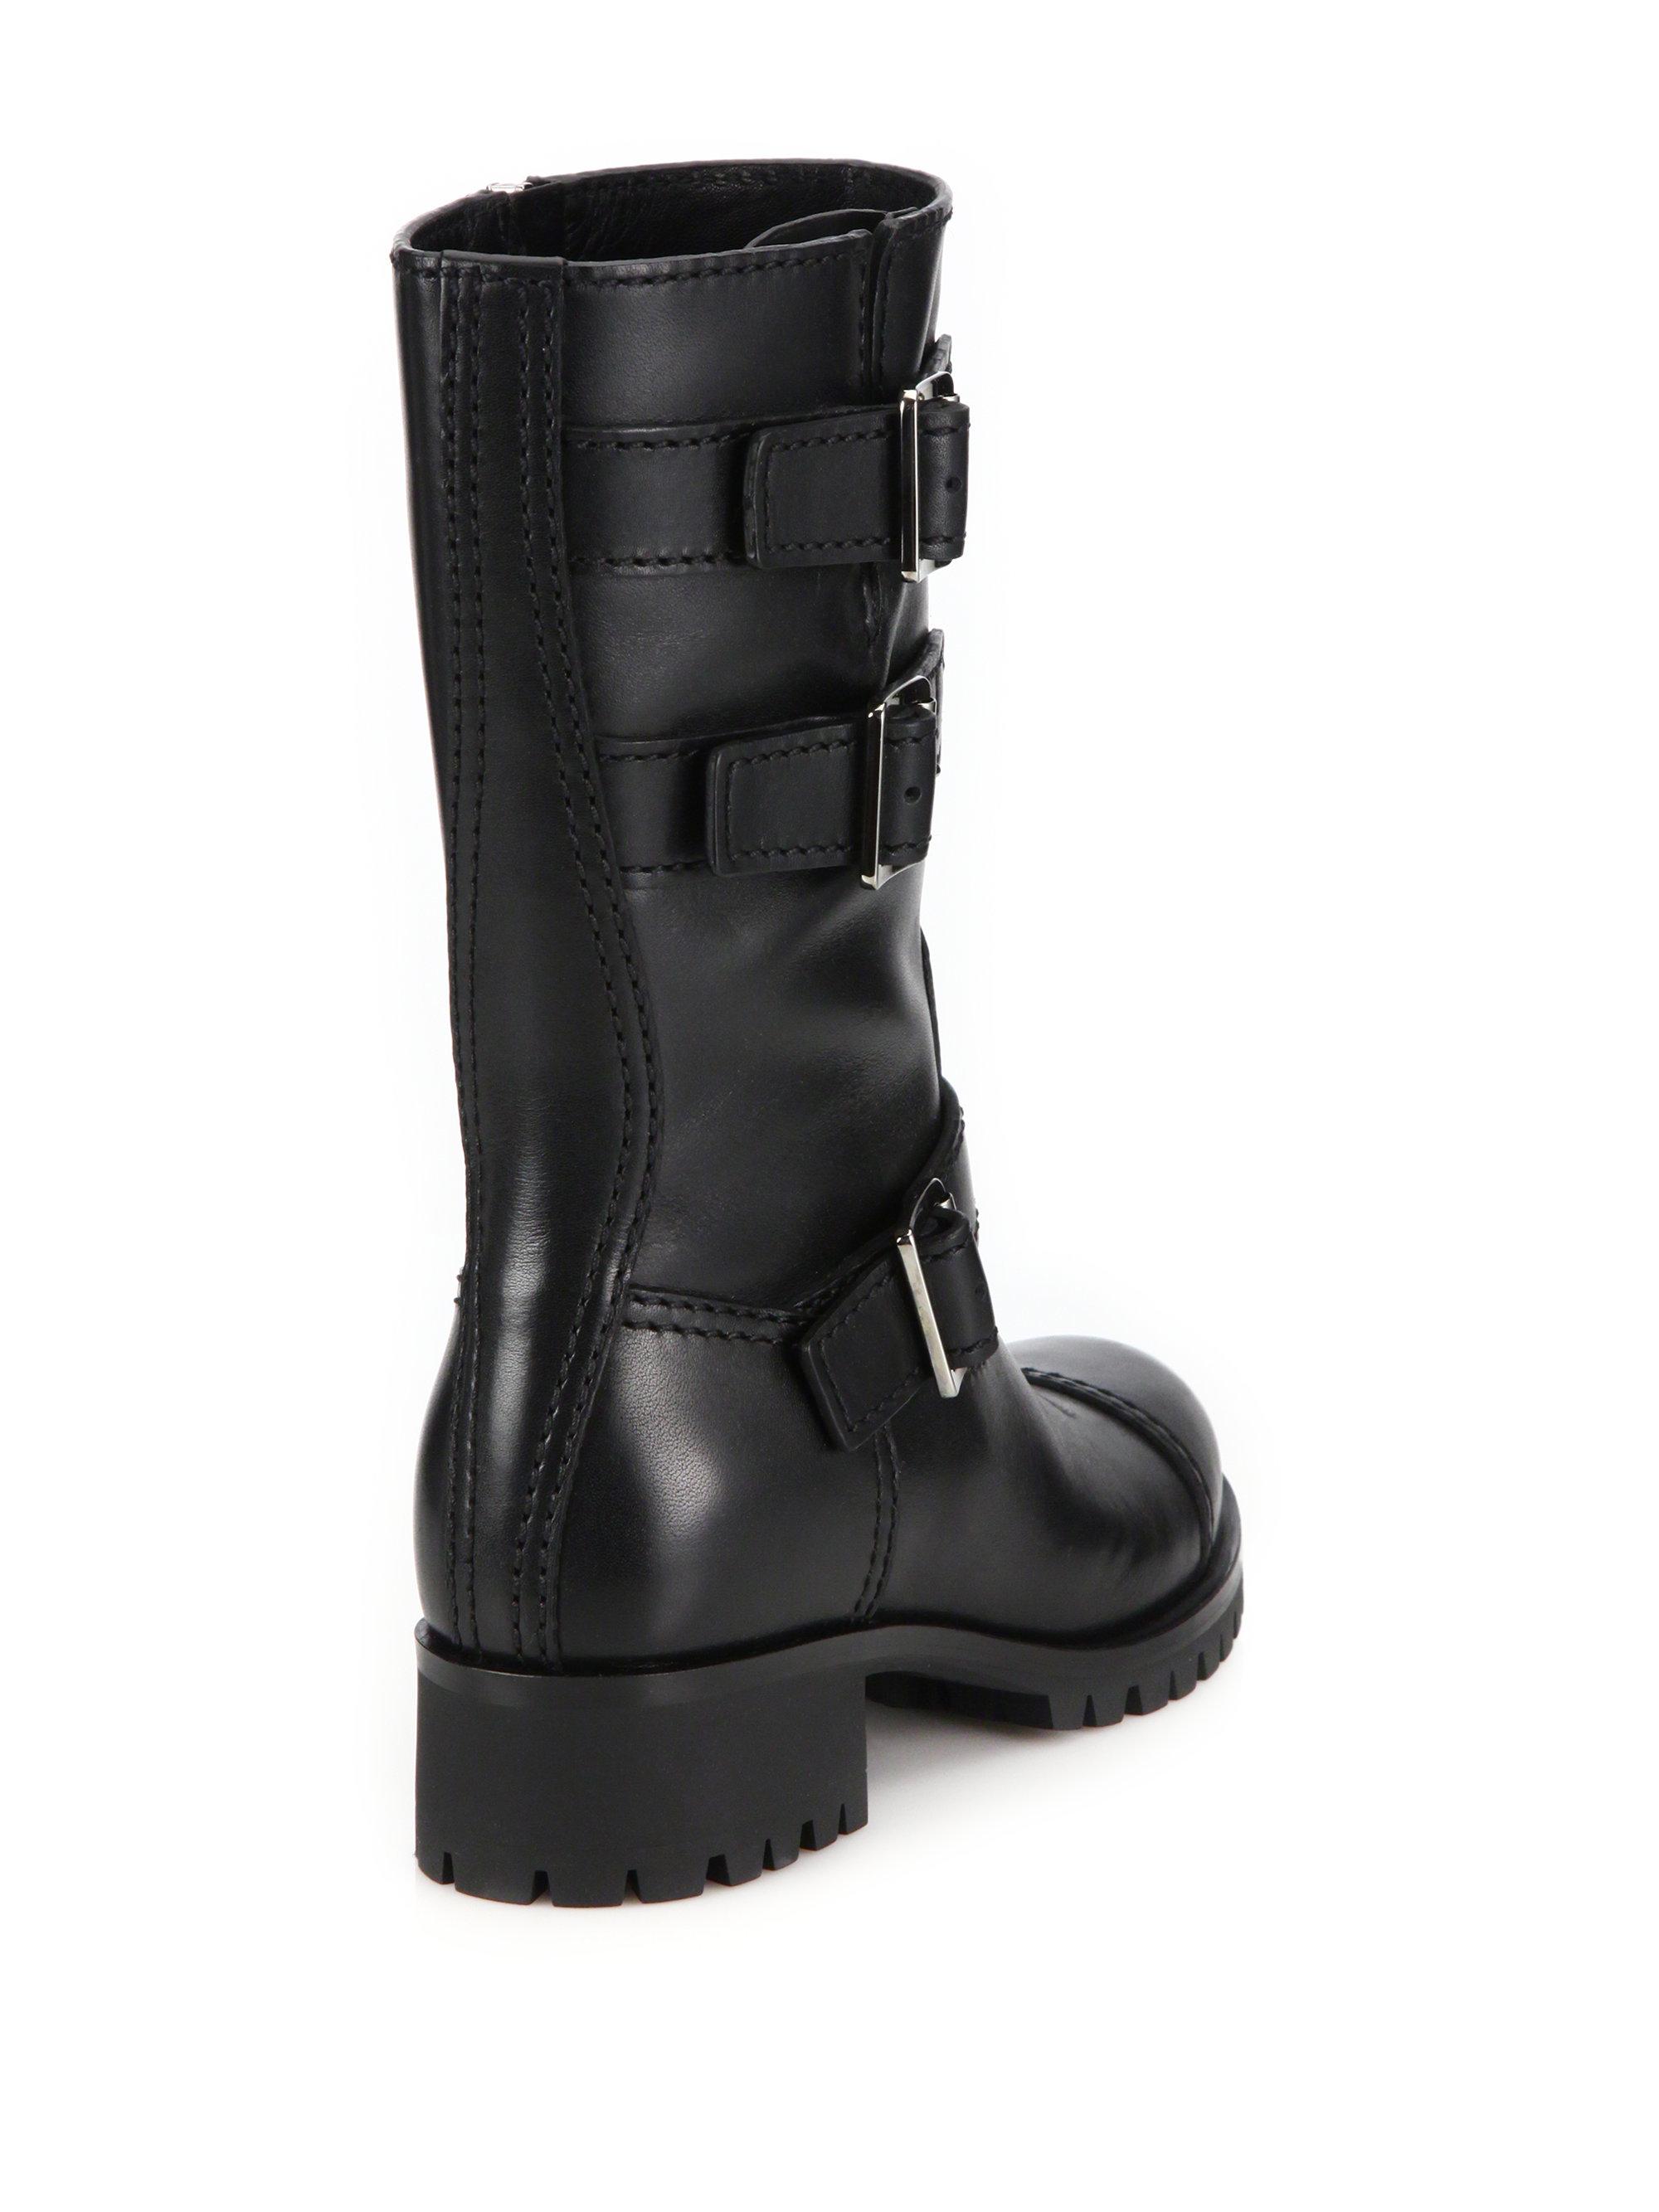 1c8e7baf71f Prada Black Three-buckle Lug Sole Boots